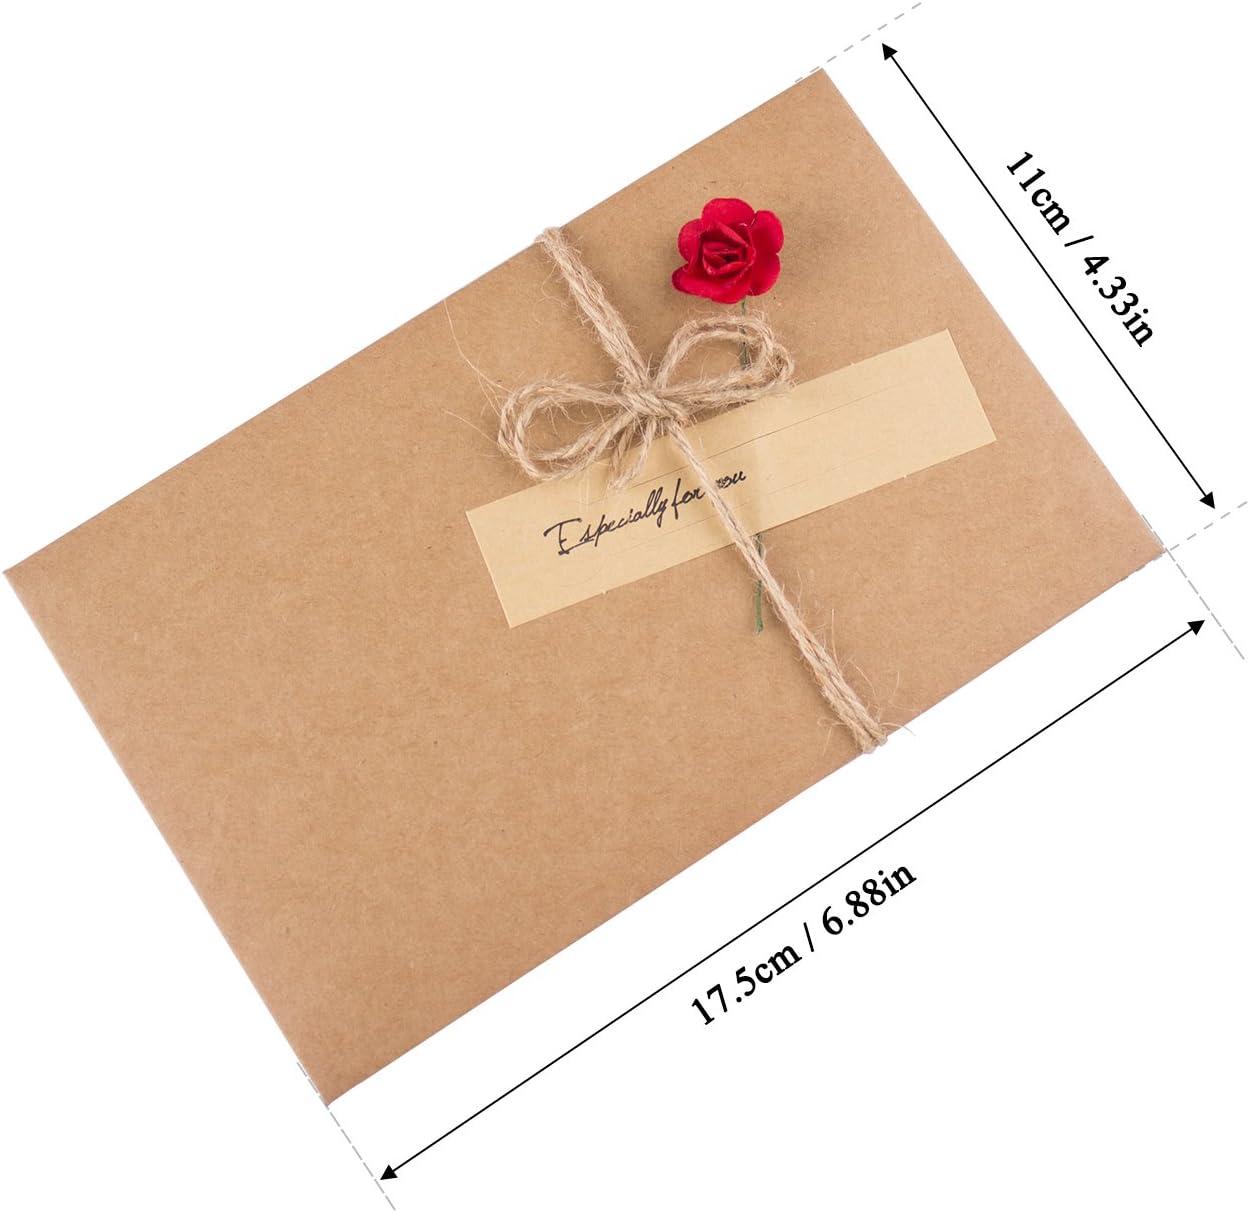 Retro Kraftpapier-Leere Umschl/äge Ewiges Leben Getrocknete Blumen Verzierte Postkarte Unbelegte Anmerkungs-Karten-Set, Danksagungskarten 9 Umschl/äge und Kleber Aufkleber ZeWoo Set von 9 Gru/ßkarte